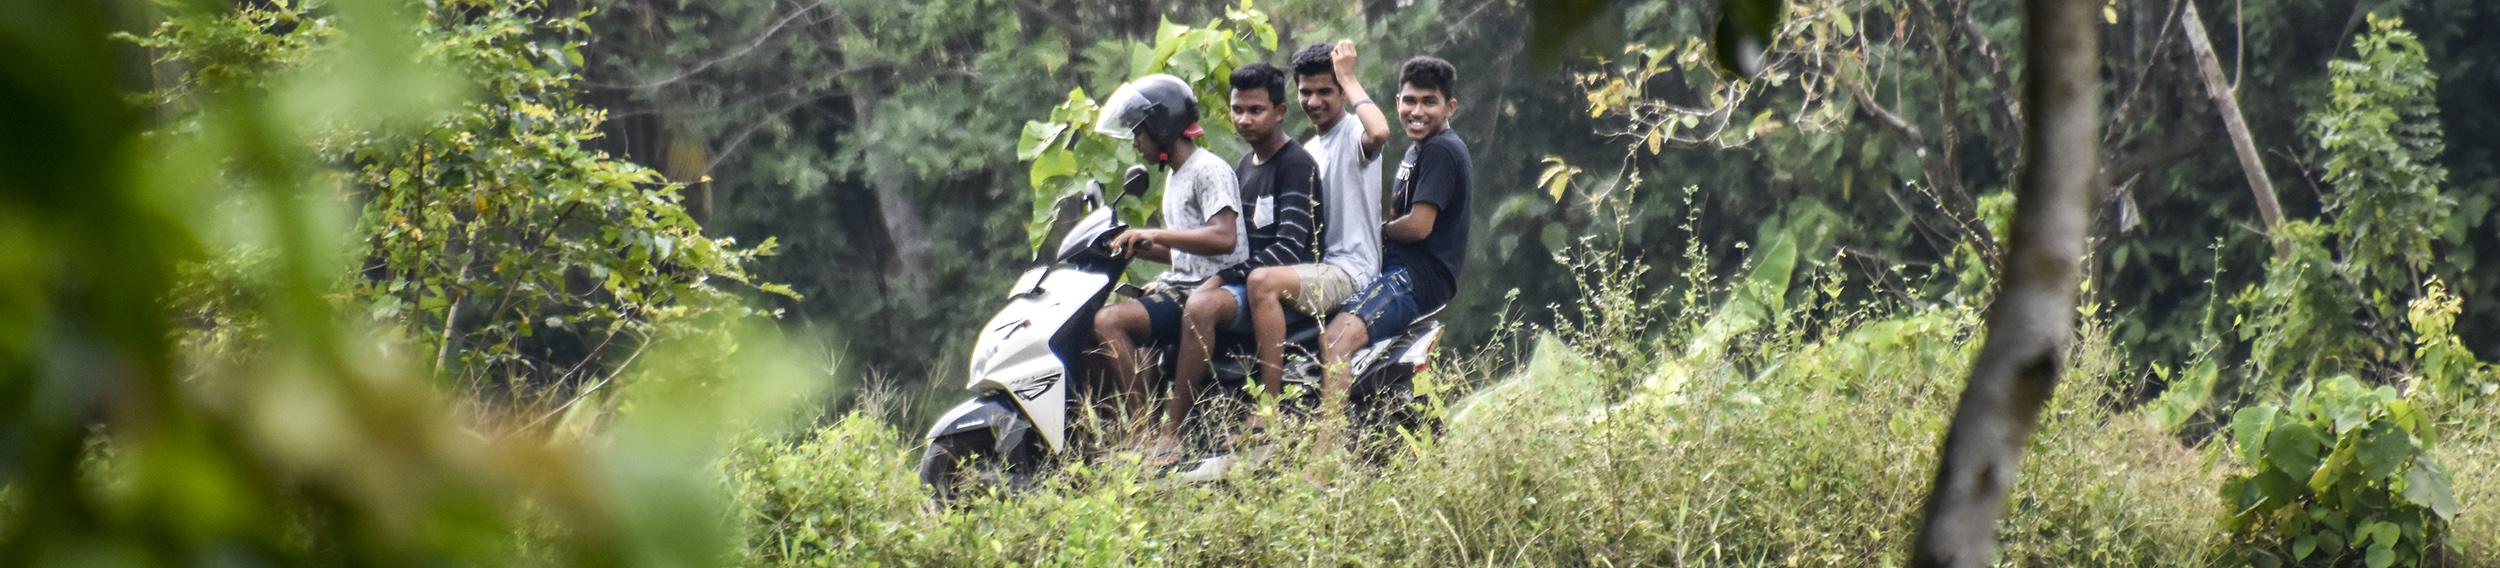 Sri lanka - route - moto